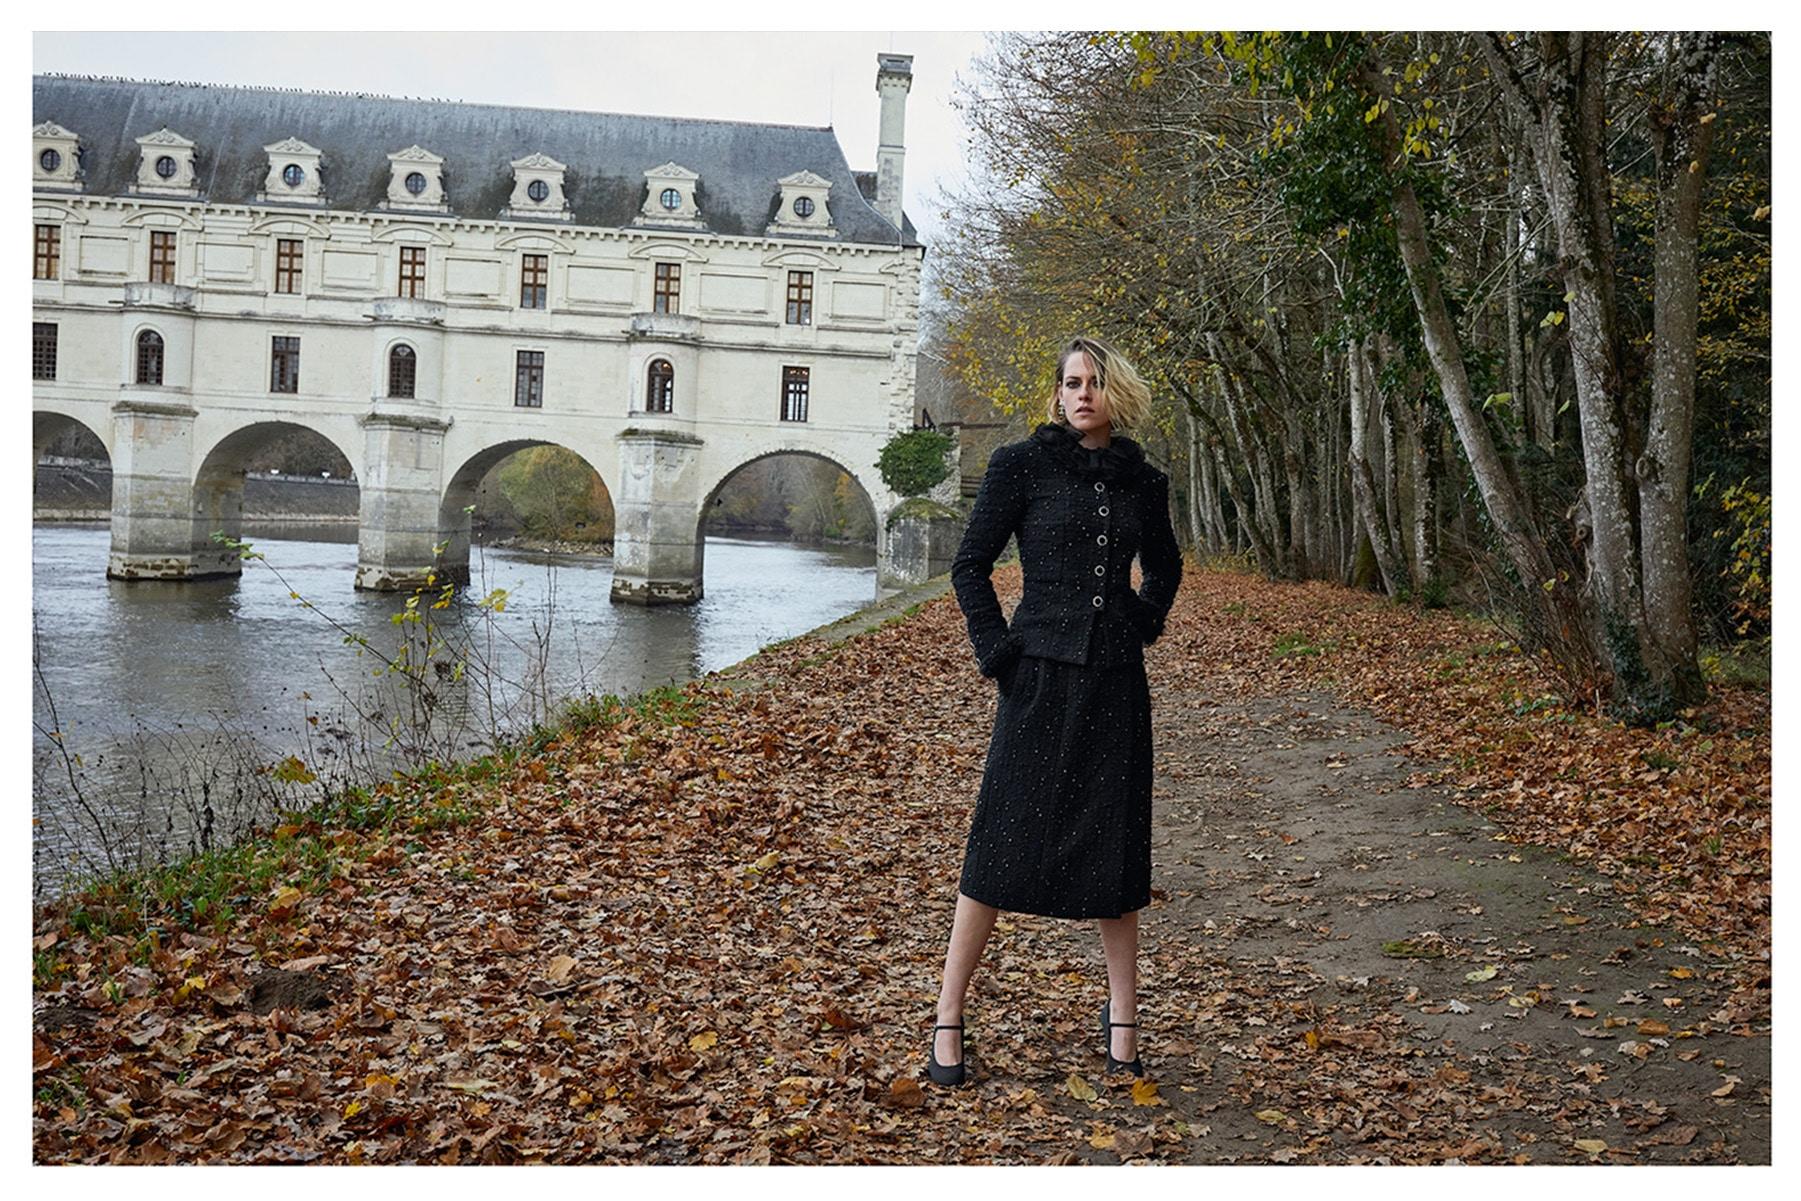 Chanel Métiers d'art 'Le Château des Dames'